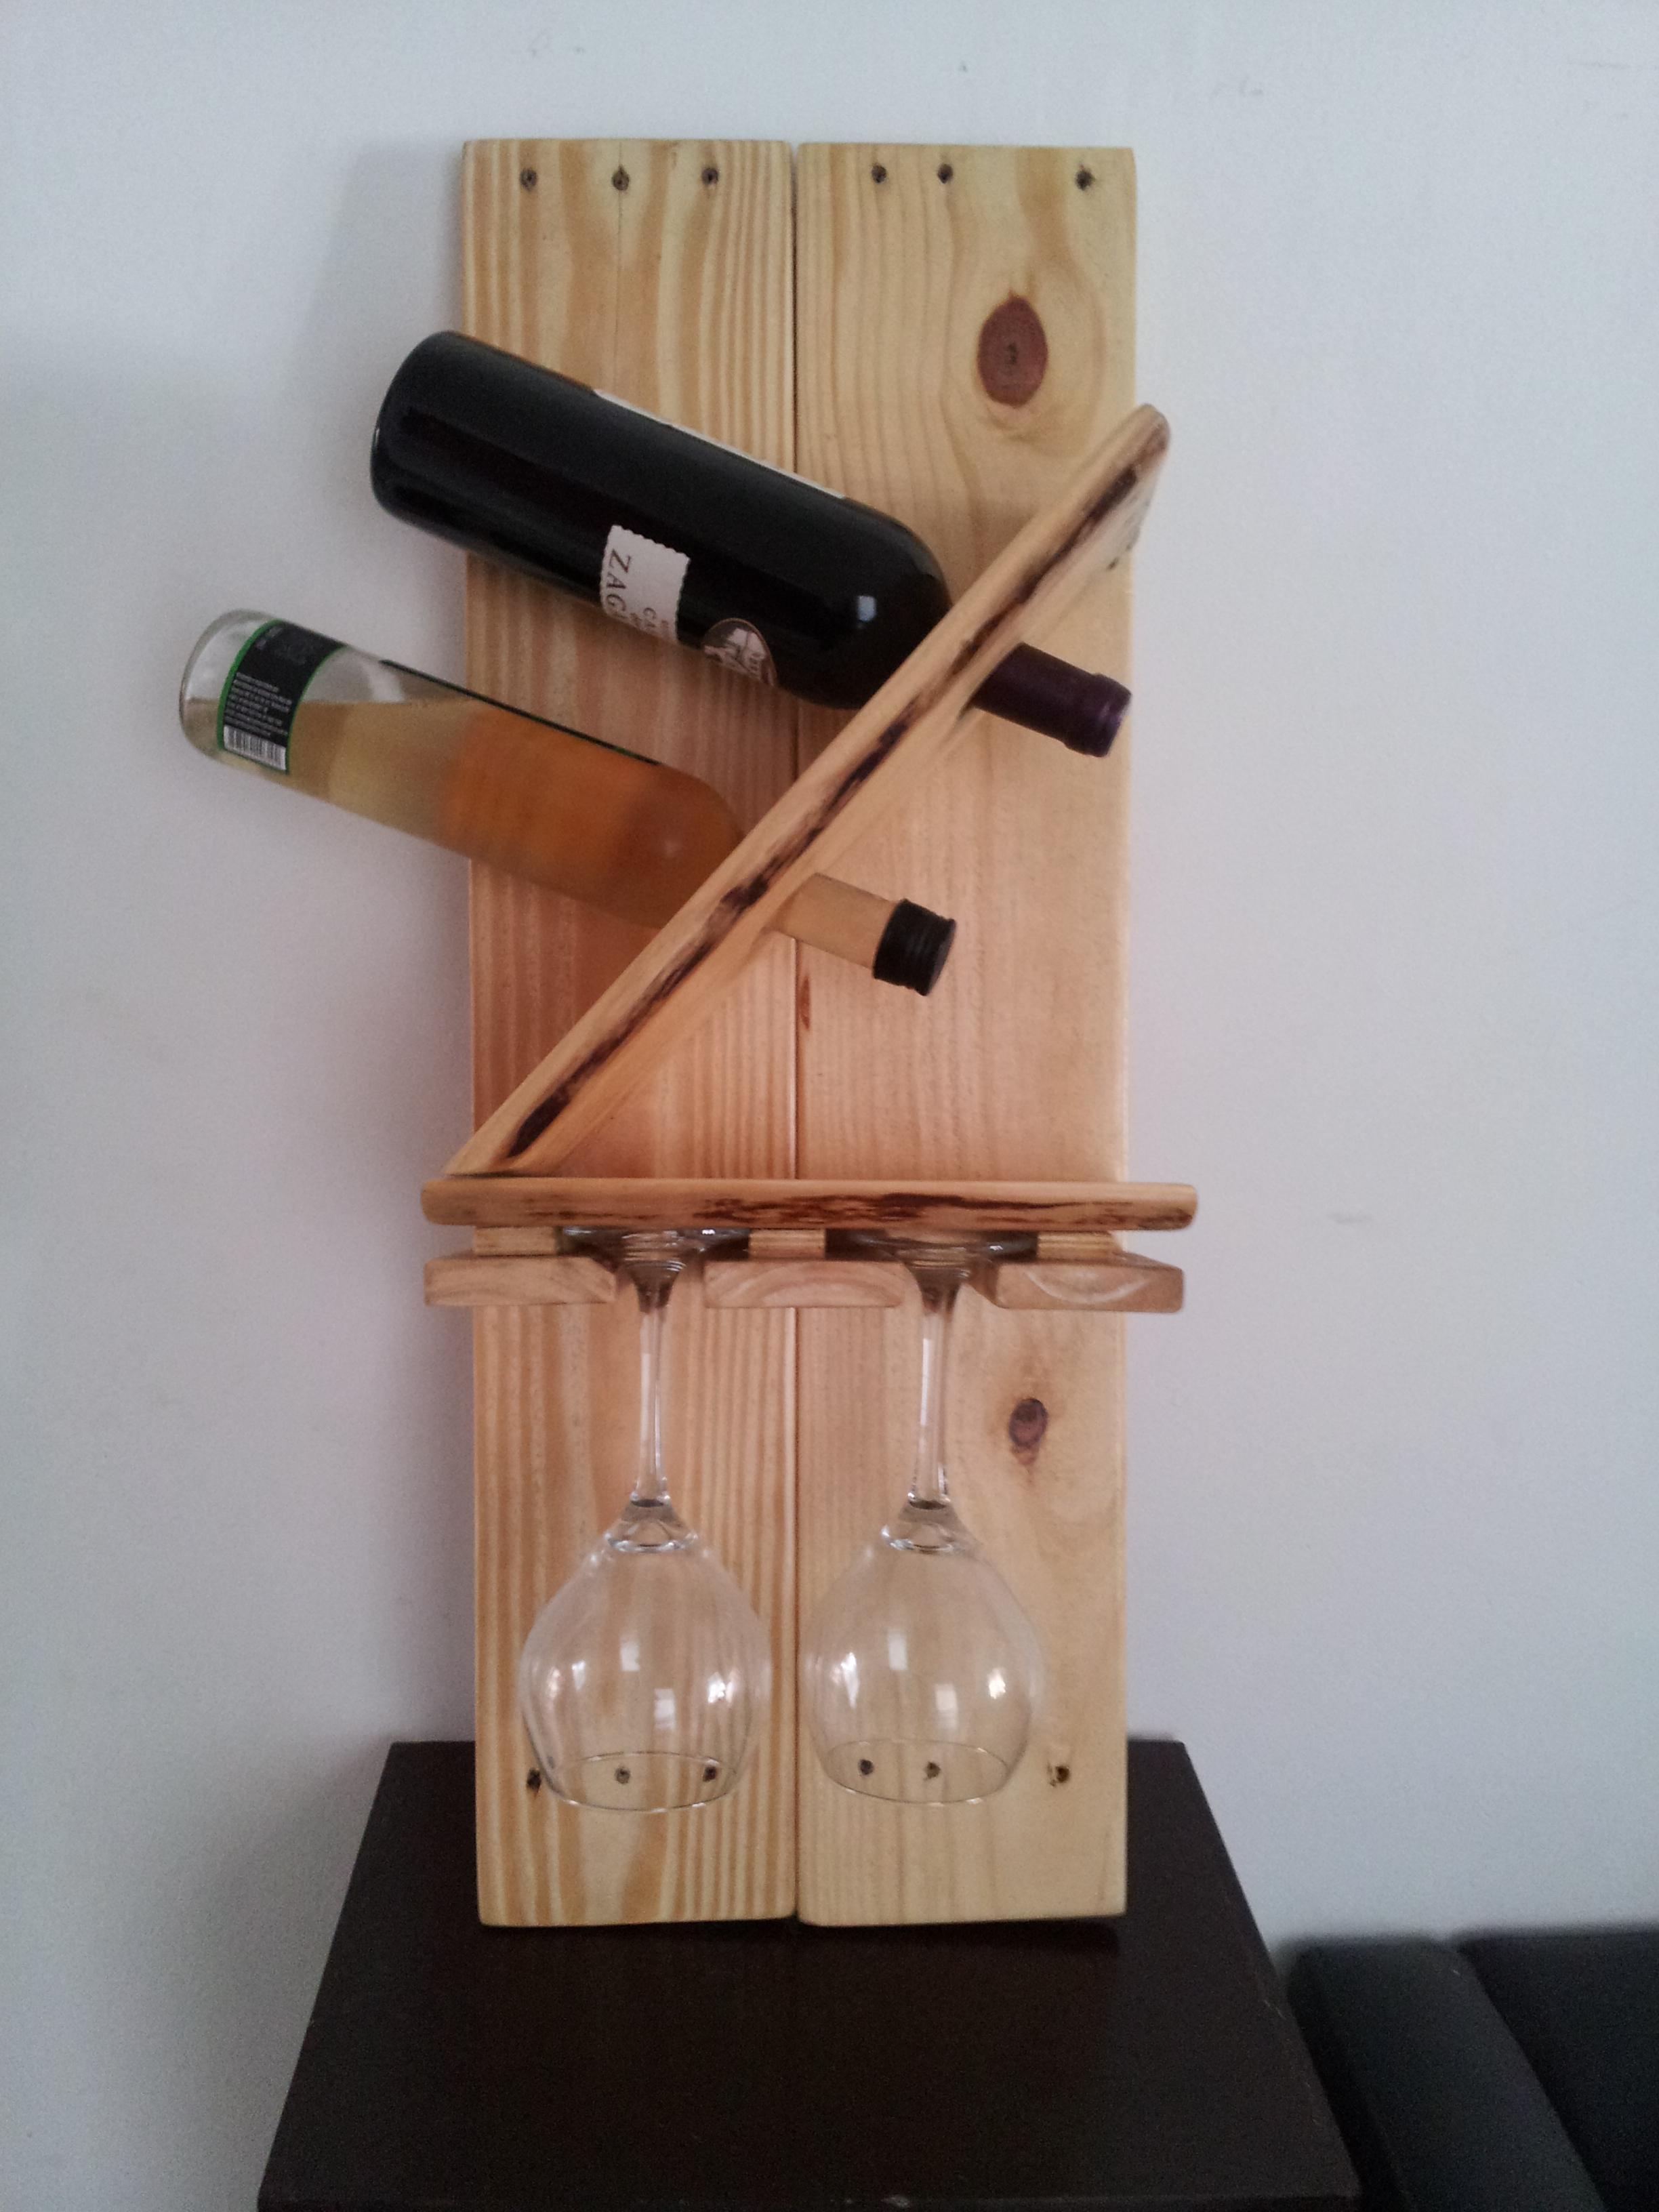 Descarte-de-sobras-de-marcenaria-porta-vinhos